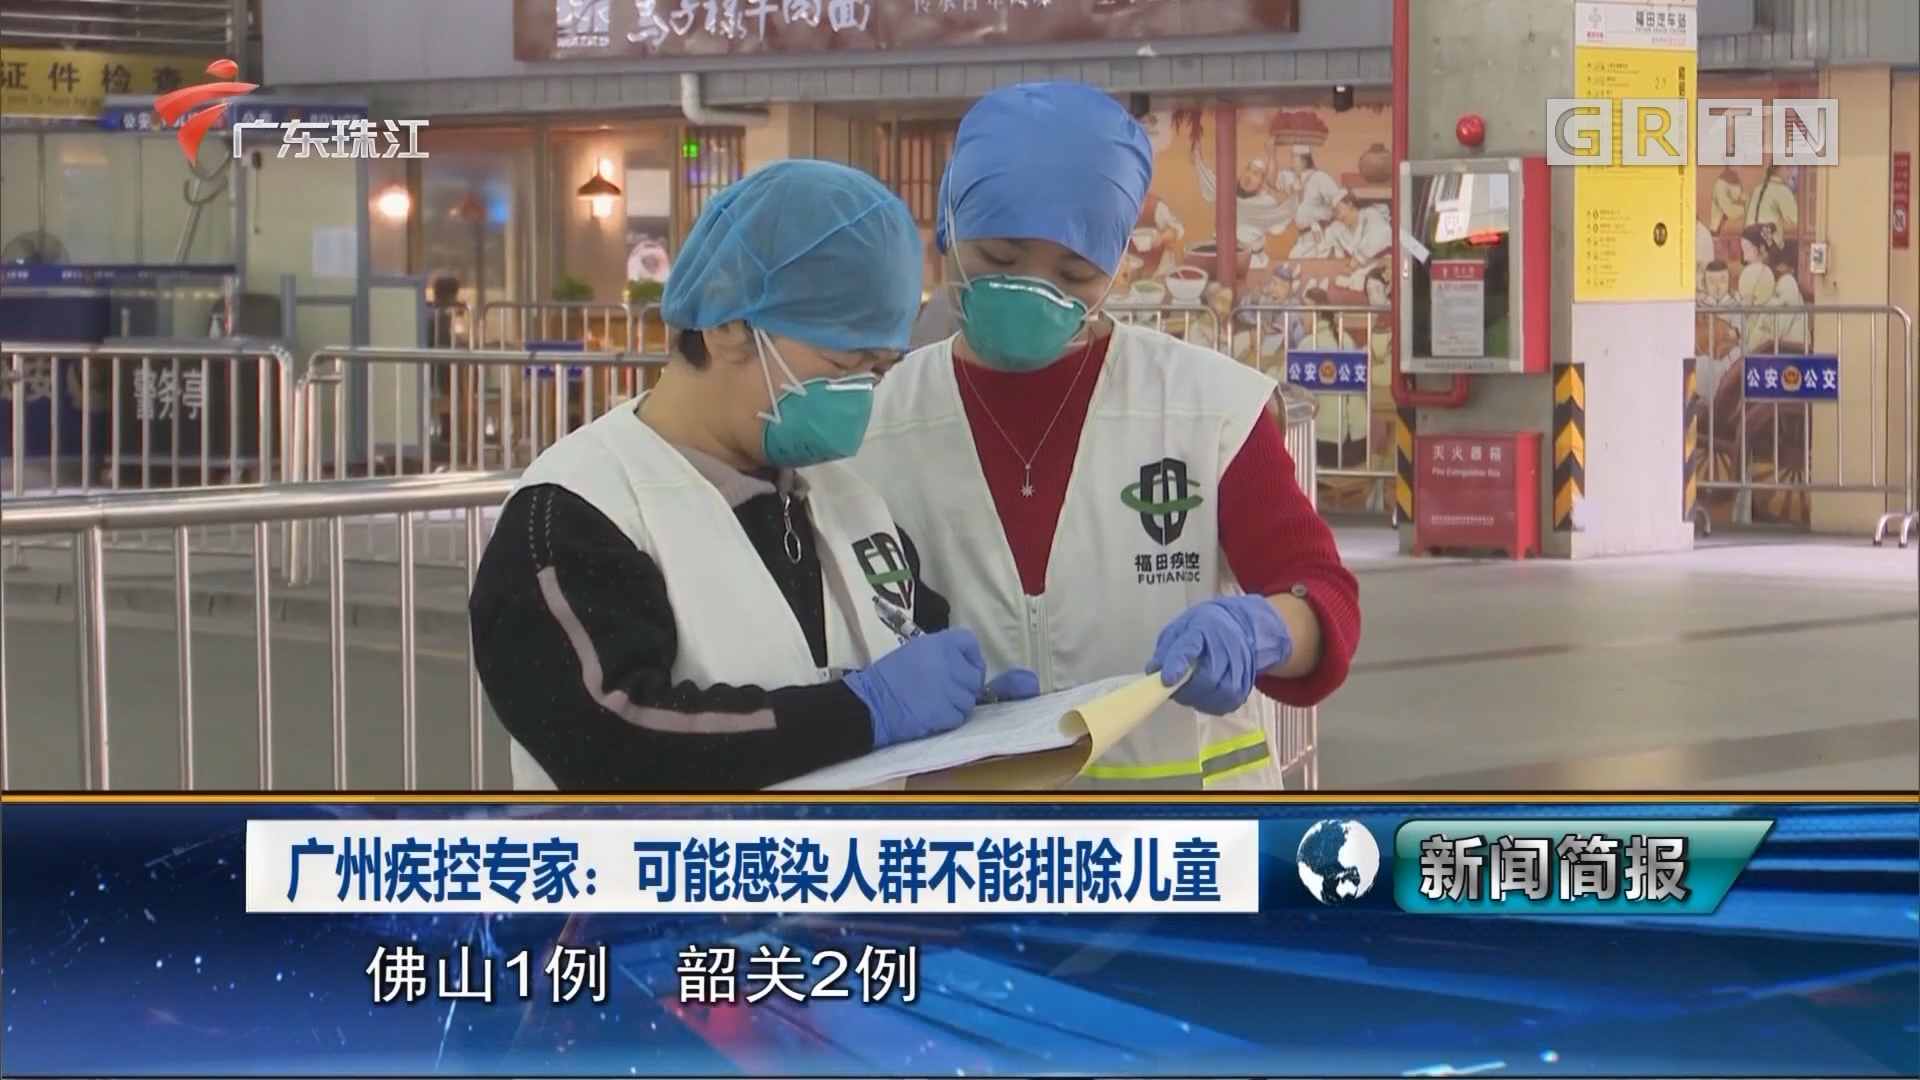 广州疾控专家:可能感染人群不能排除儿童